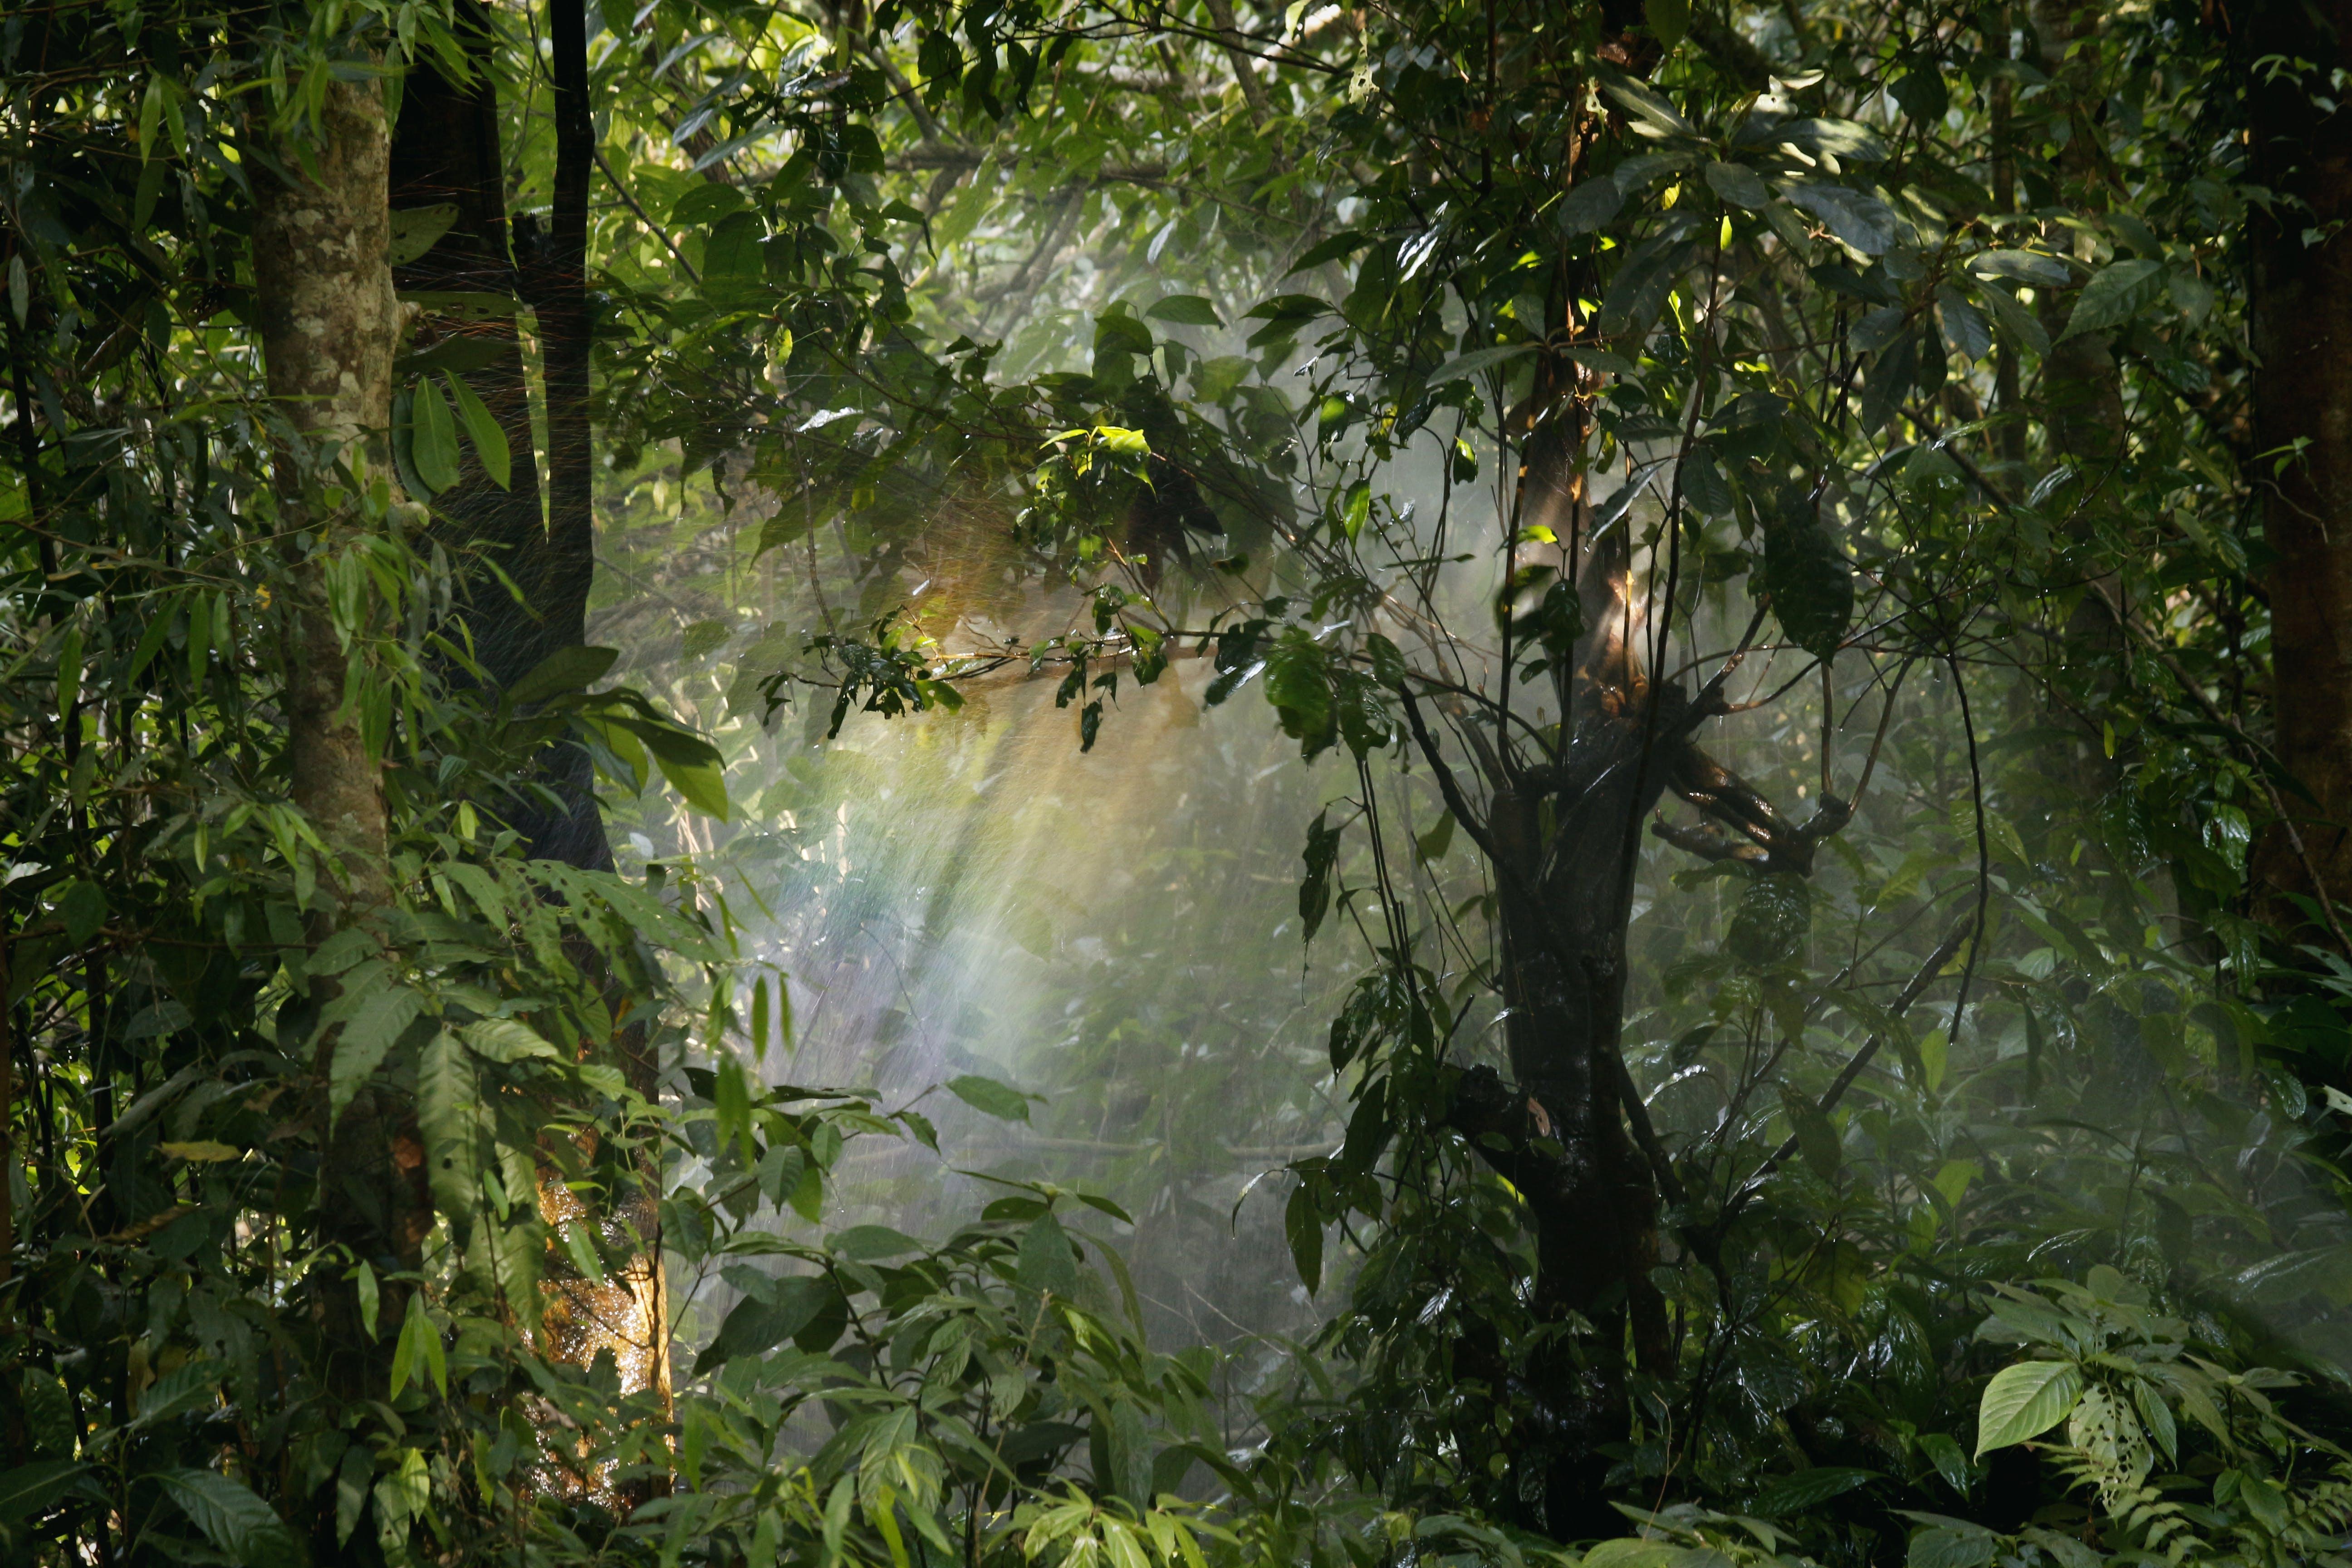 가지, 경치, 광야, 나뭇잎의 무료 스톡 사진